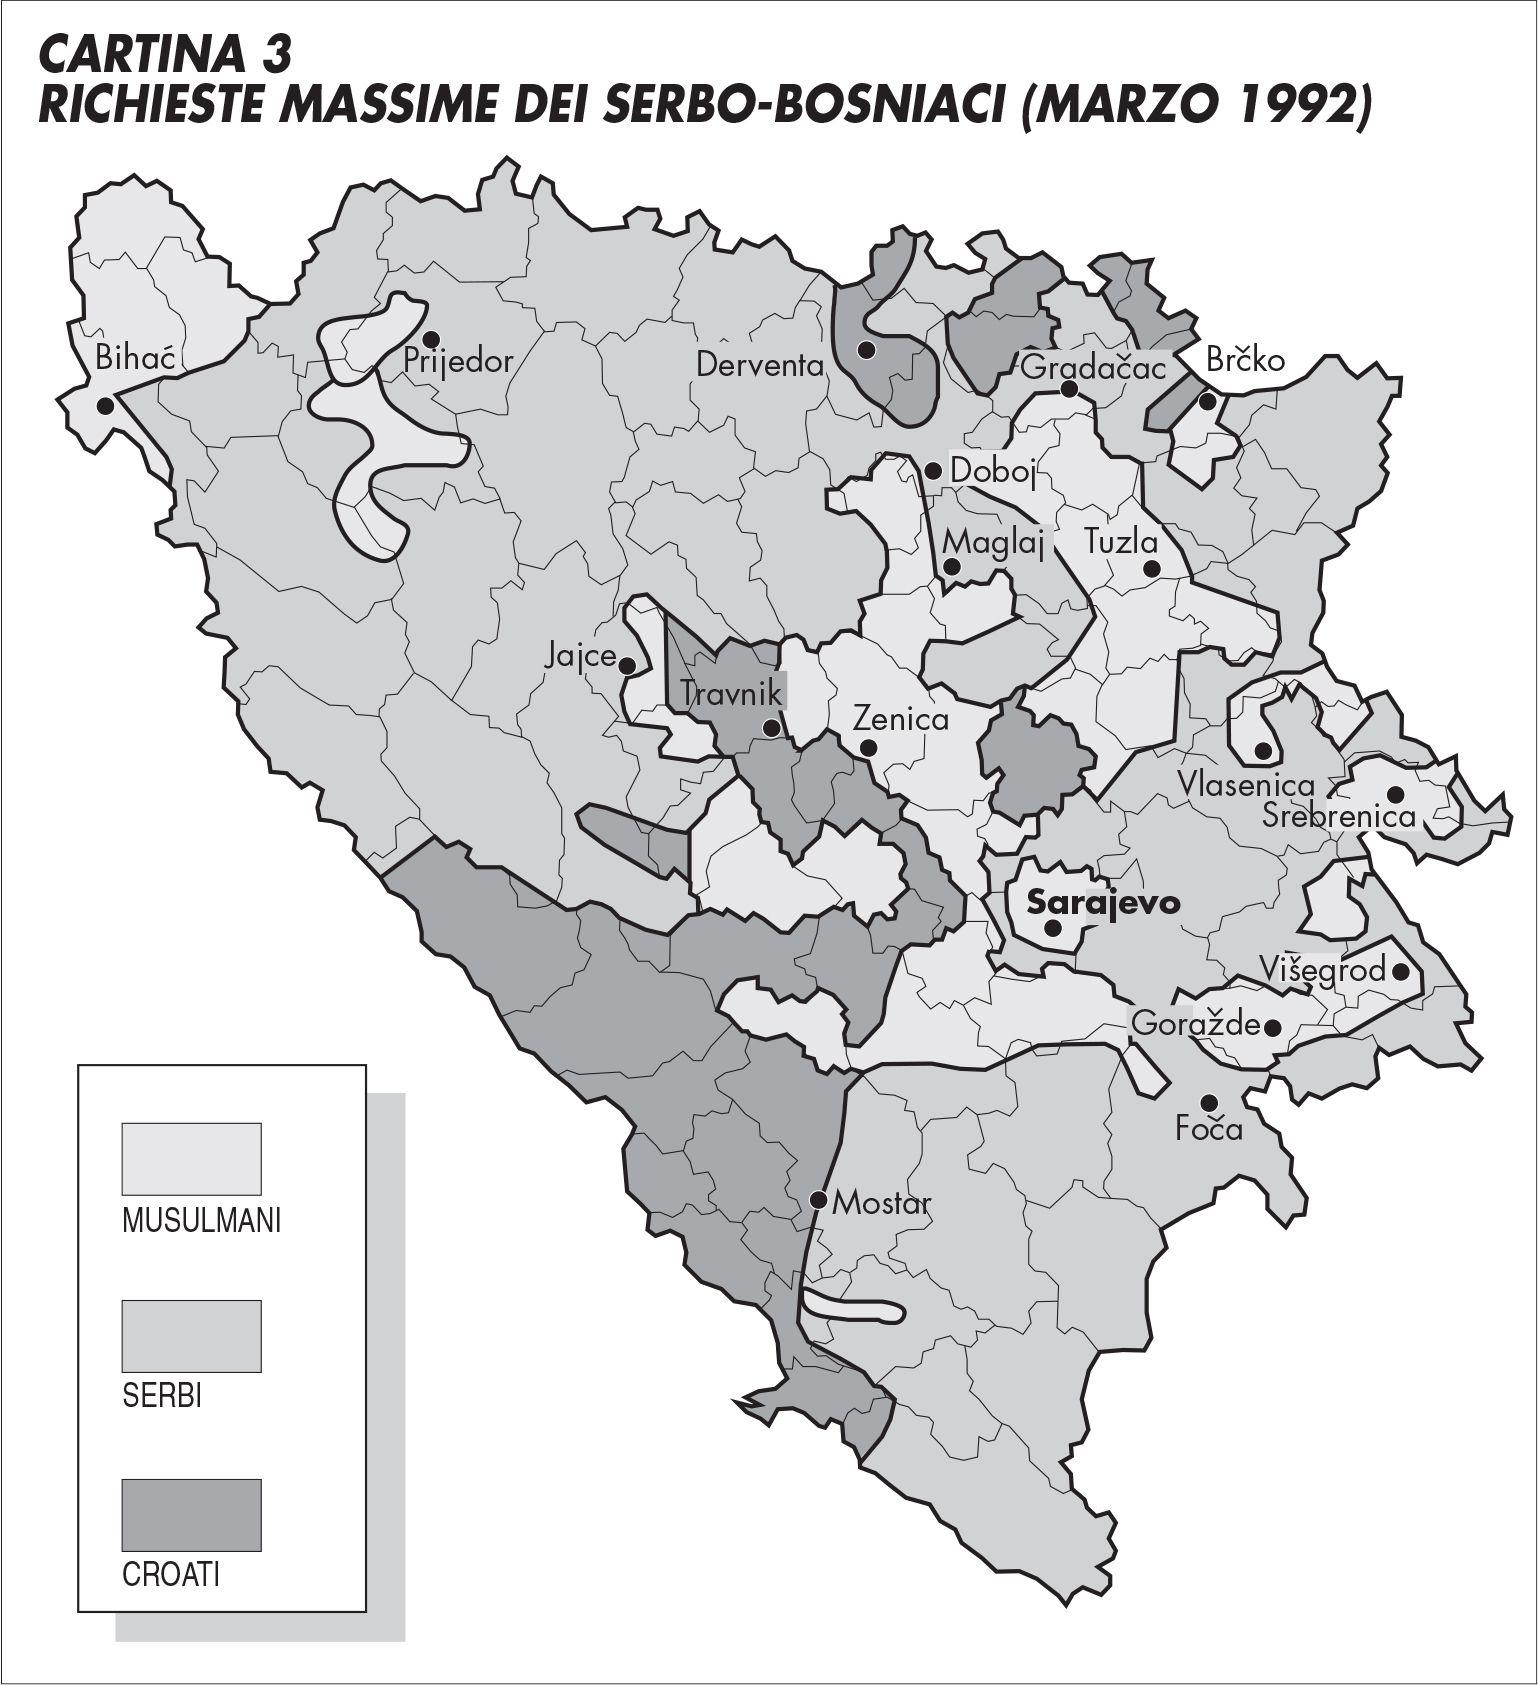 carta bosnia 1